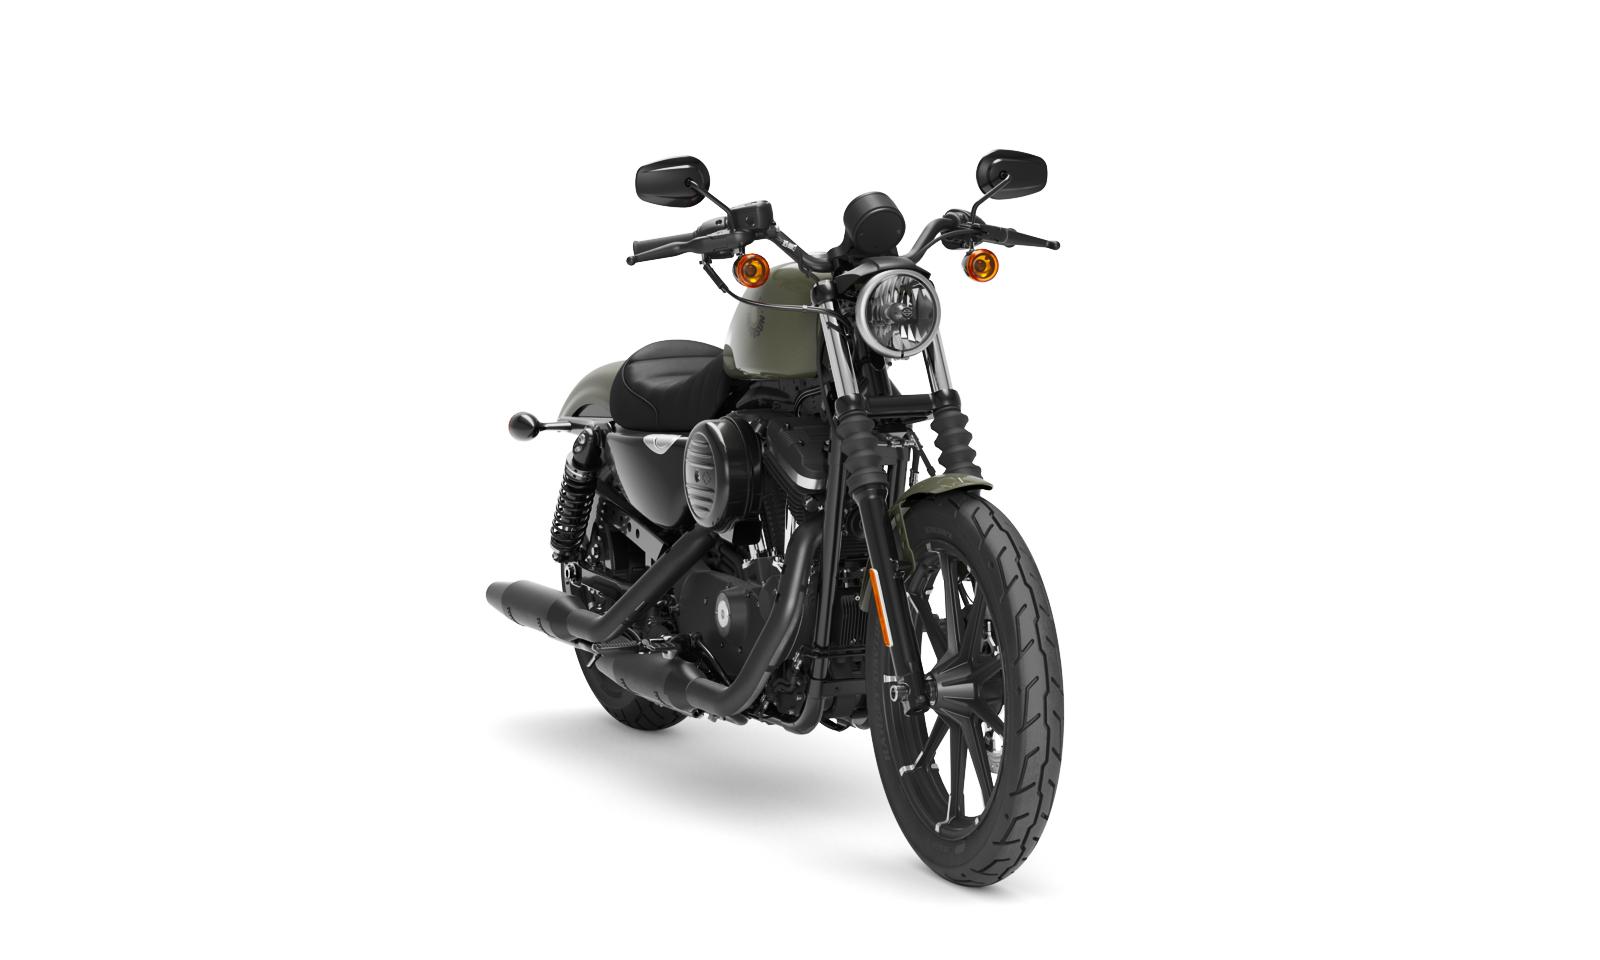 2021 Iron 883 Motorcycle Harley Davidson Usa